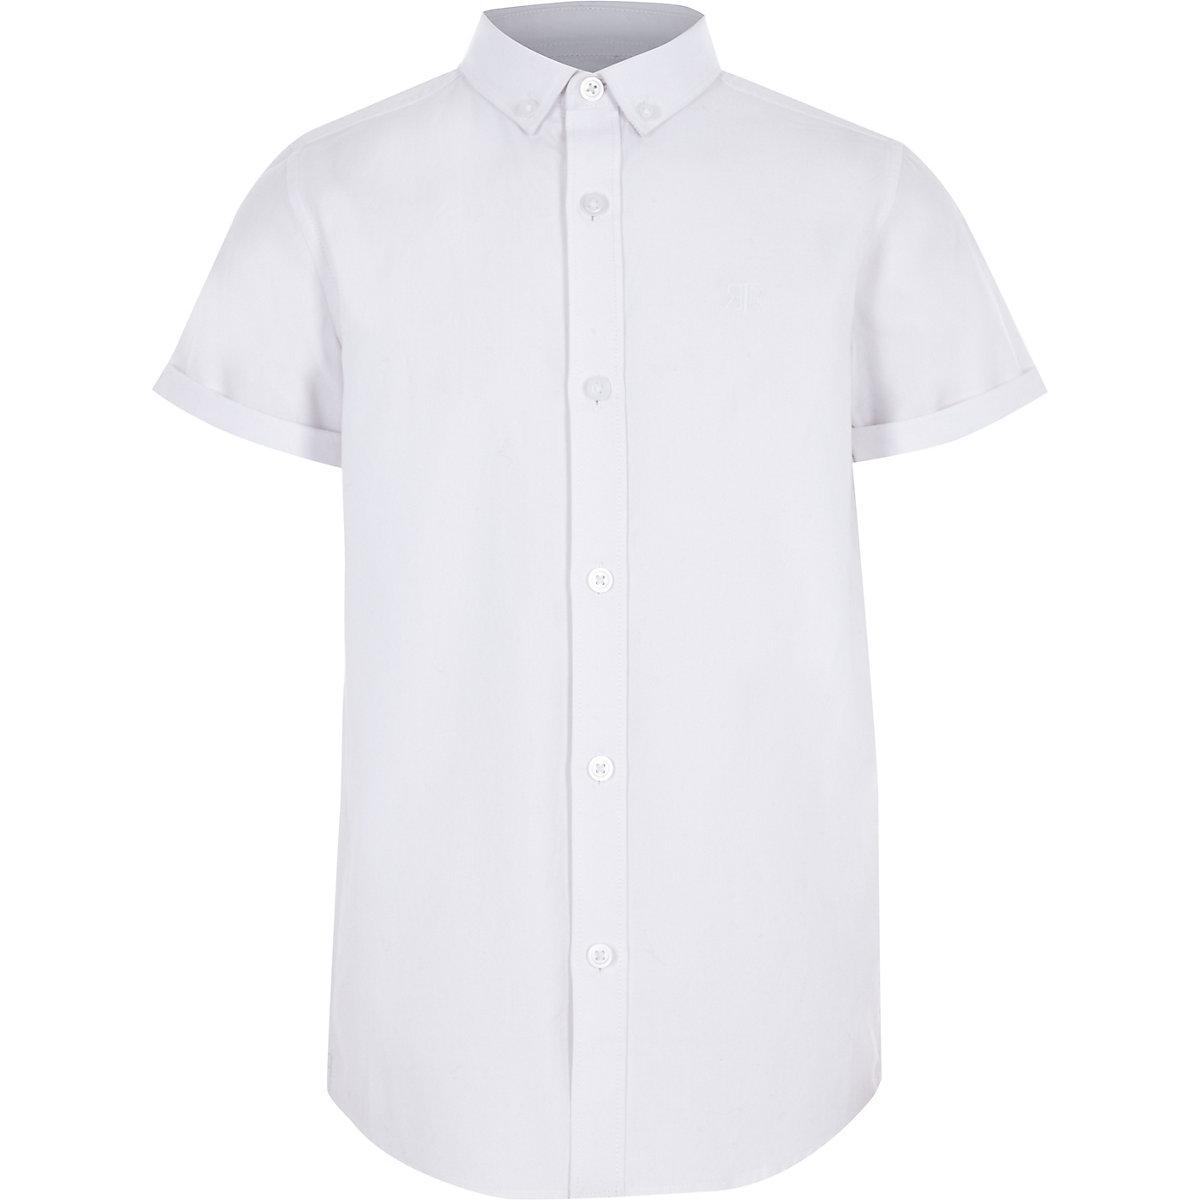 Boys white RI short sleeve shirt